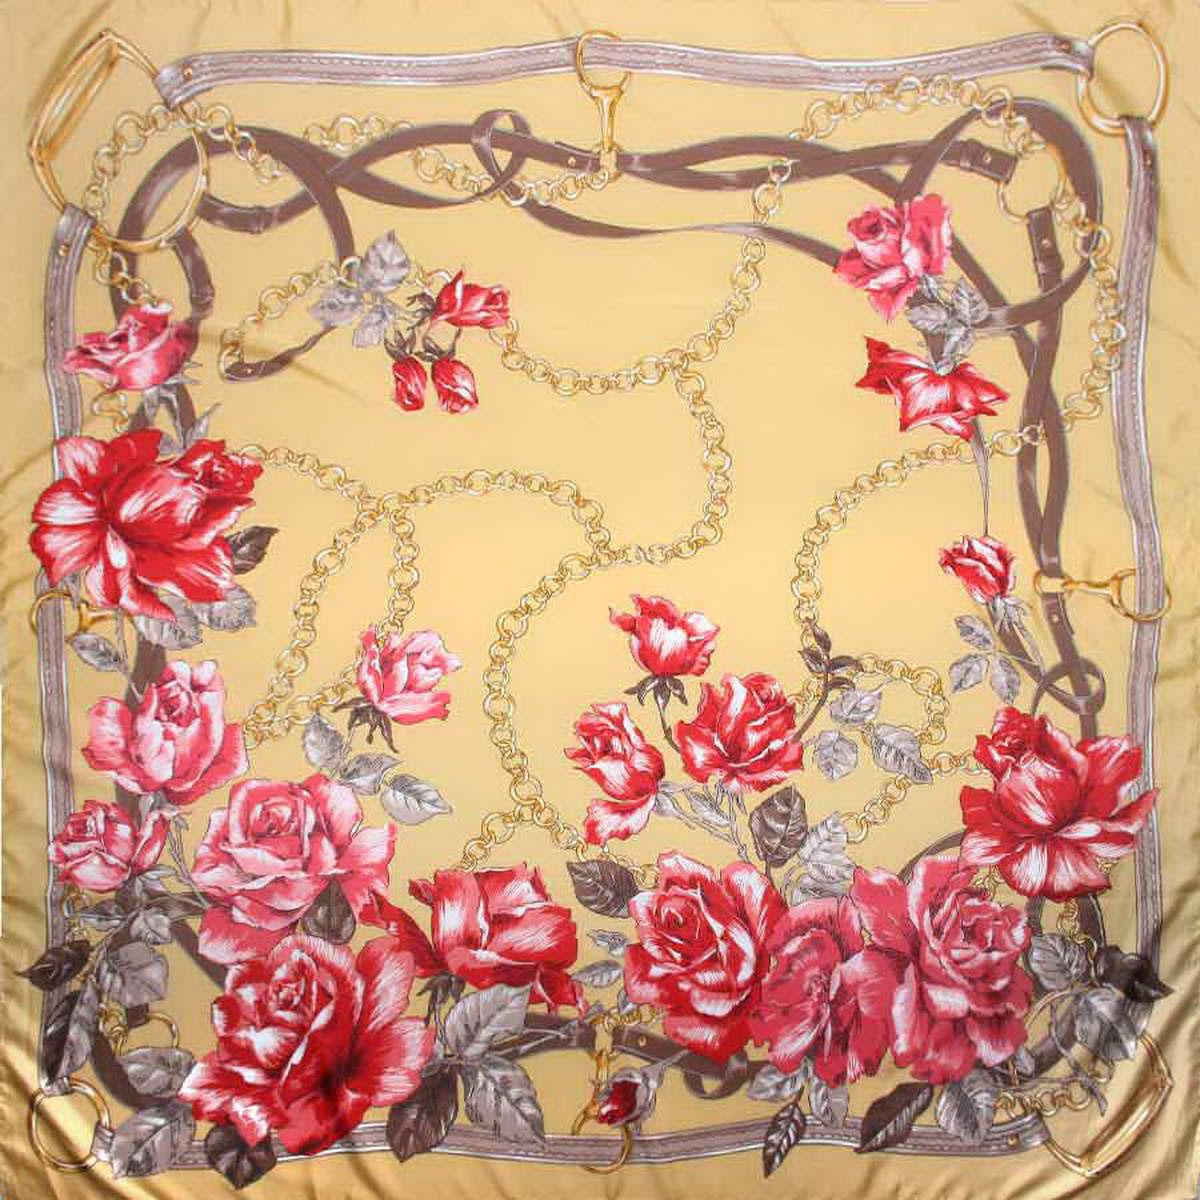 Платок3904672-05Изысканный и аристократично шикарный женский платок Venera изготовлен из легкого и нежного полиэстера, станет самым популярным и неповторимым аксессуаром в этом сезоне. Спокойная и универсальная цветовая гамма, а также рисунок из красивых роз придаст вашему образу женственности, утонченности и деликатности. Классическая квадратная форма позволяет носить платок на шее, украшать им прическу или декорировать сумочку. Платок Venera превосходно дополнит любой наряд и подчеркнет ваш неповторимый вкус и элегантность.